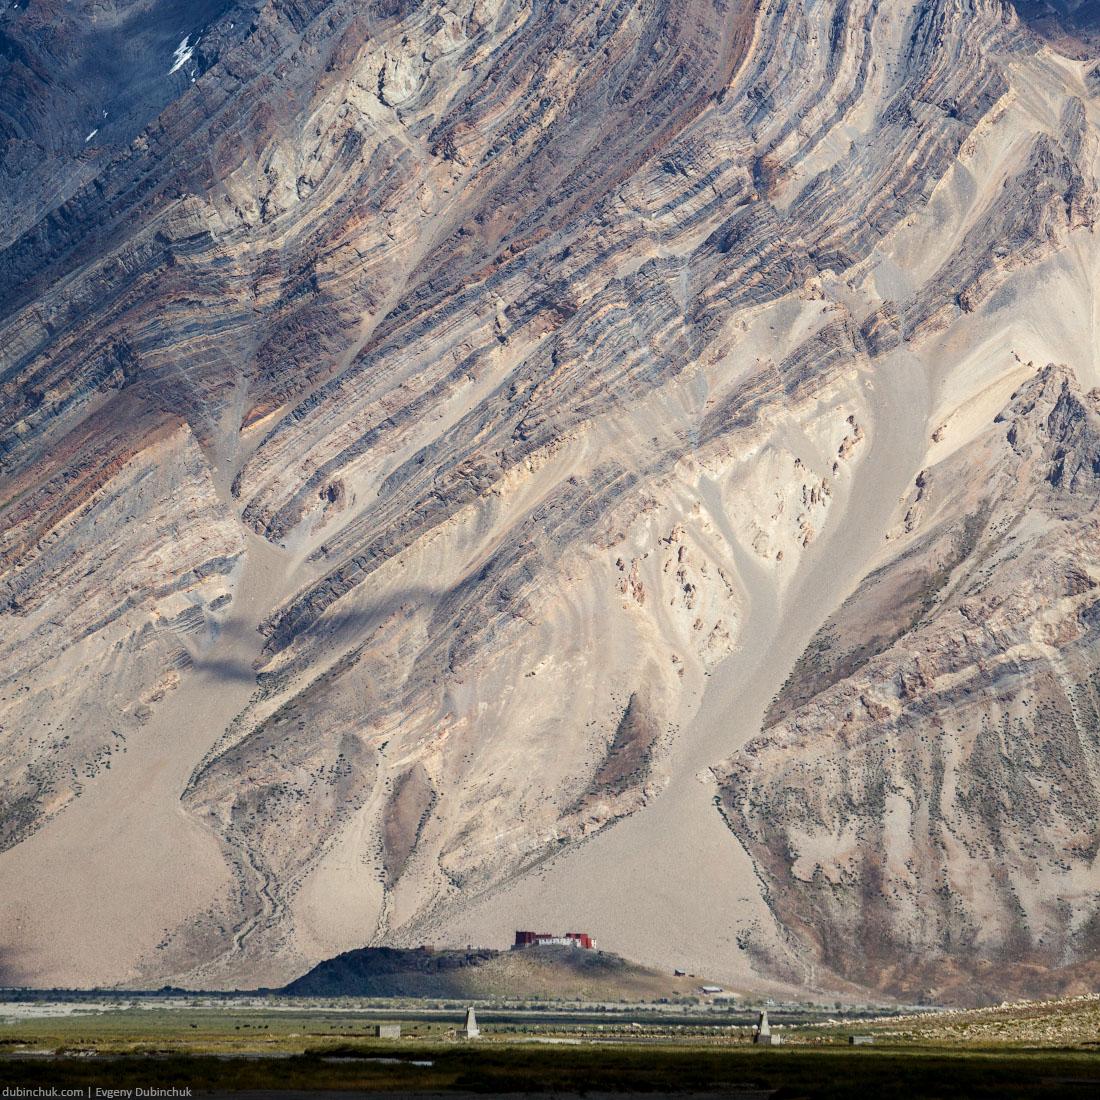 Монастырь Рангдум Гомпа (Rangdum Gompa) в Индийских Гималаях